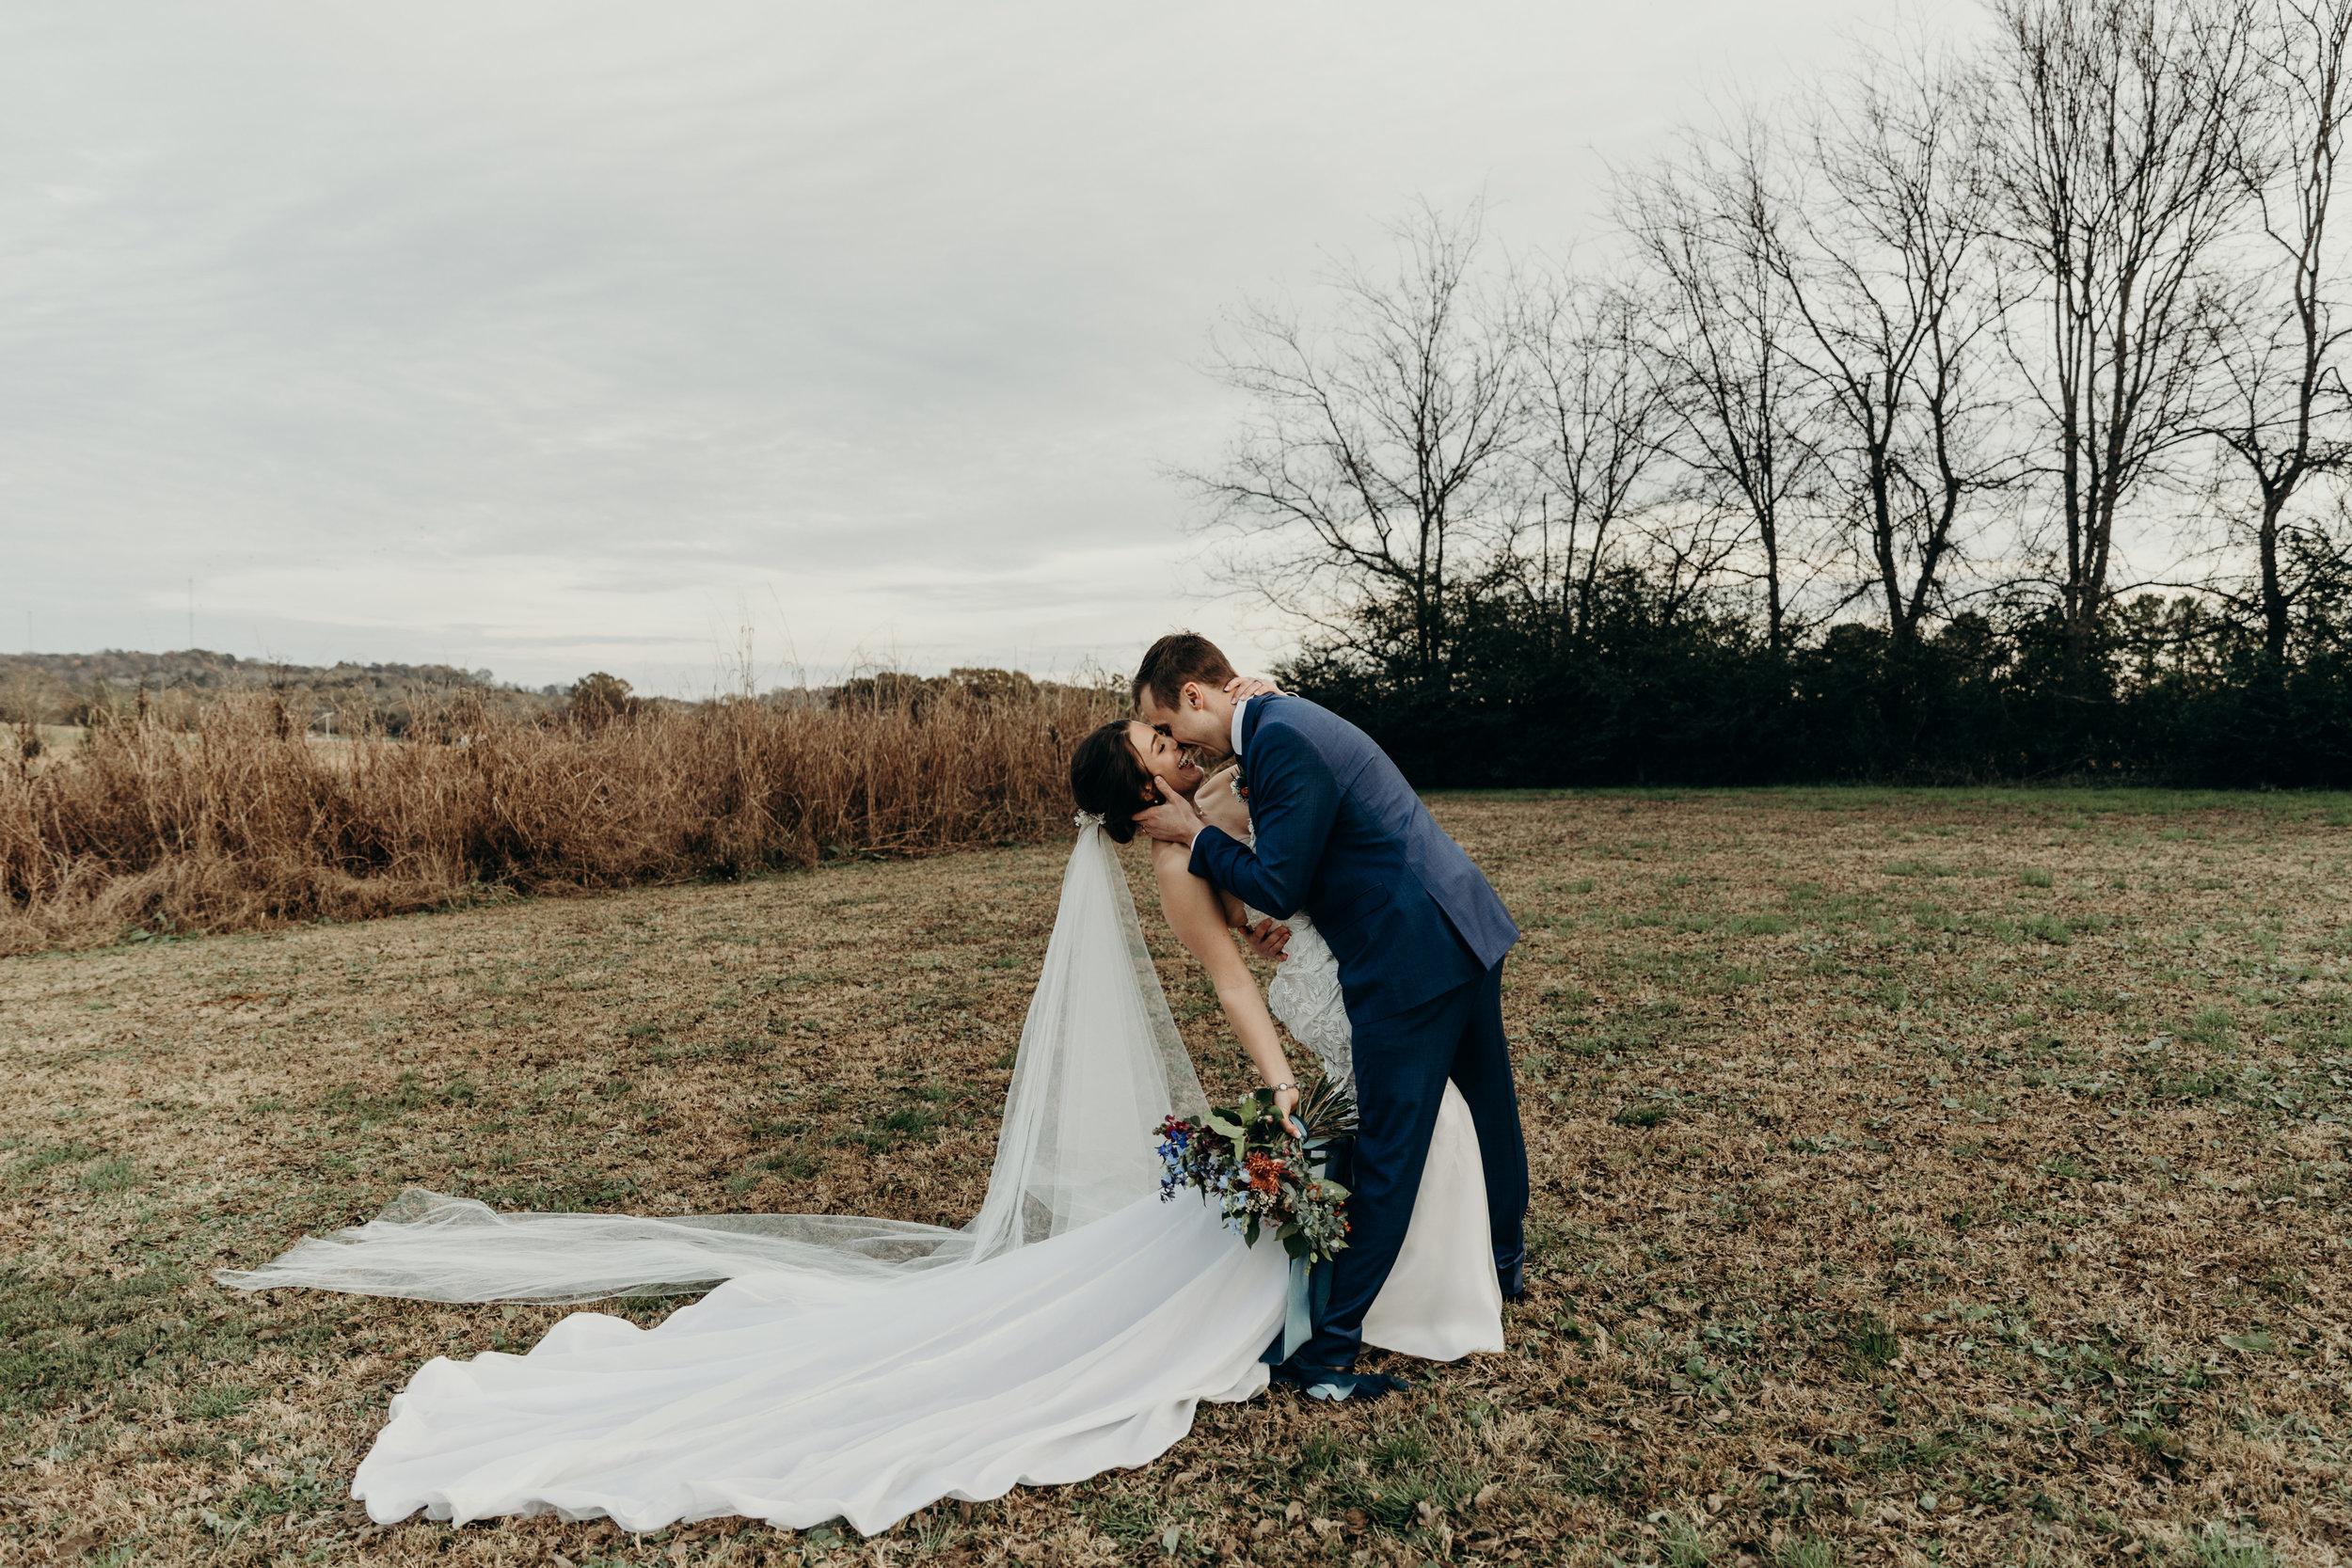 691-ltw-morgan-adam-wedding.jpg